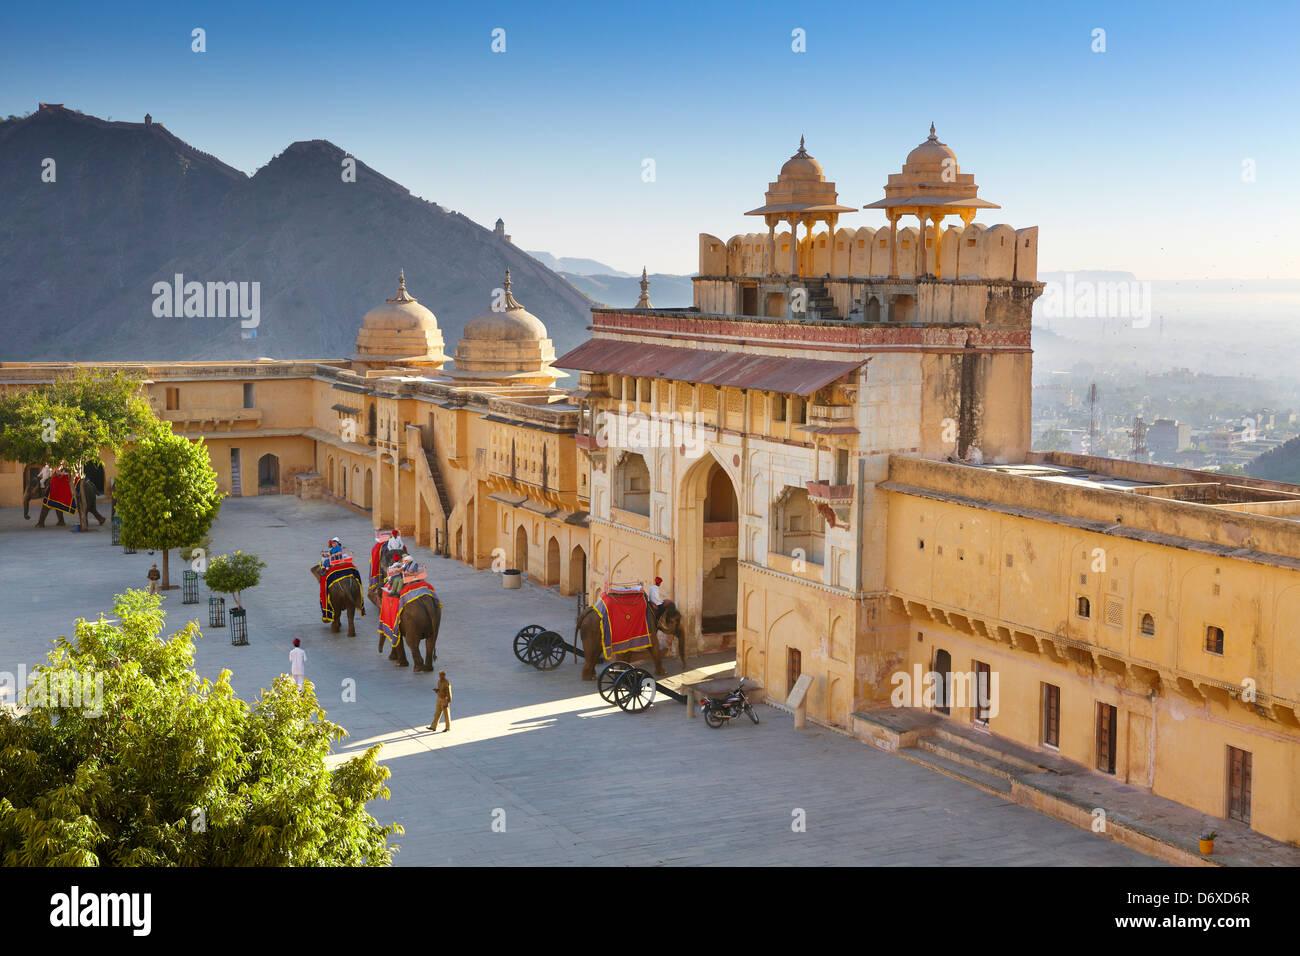 Fuerte Amber - paisaje con los elefantes en el Jaleb Chowk patio y puerta principal del Fuerte Amber, Jaipur, Rajasthan, Imagen De Stock